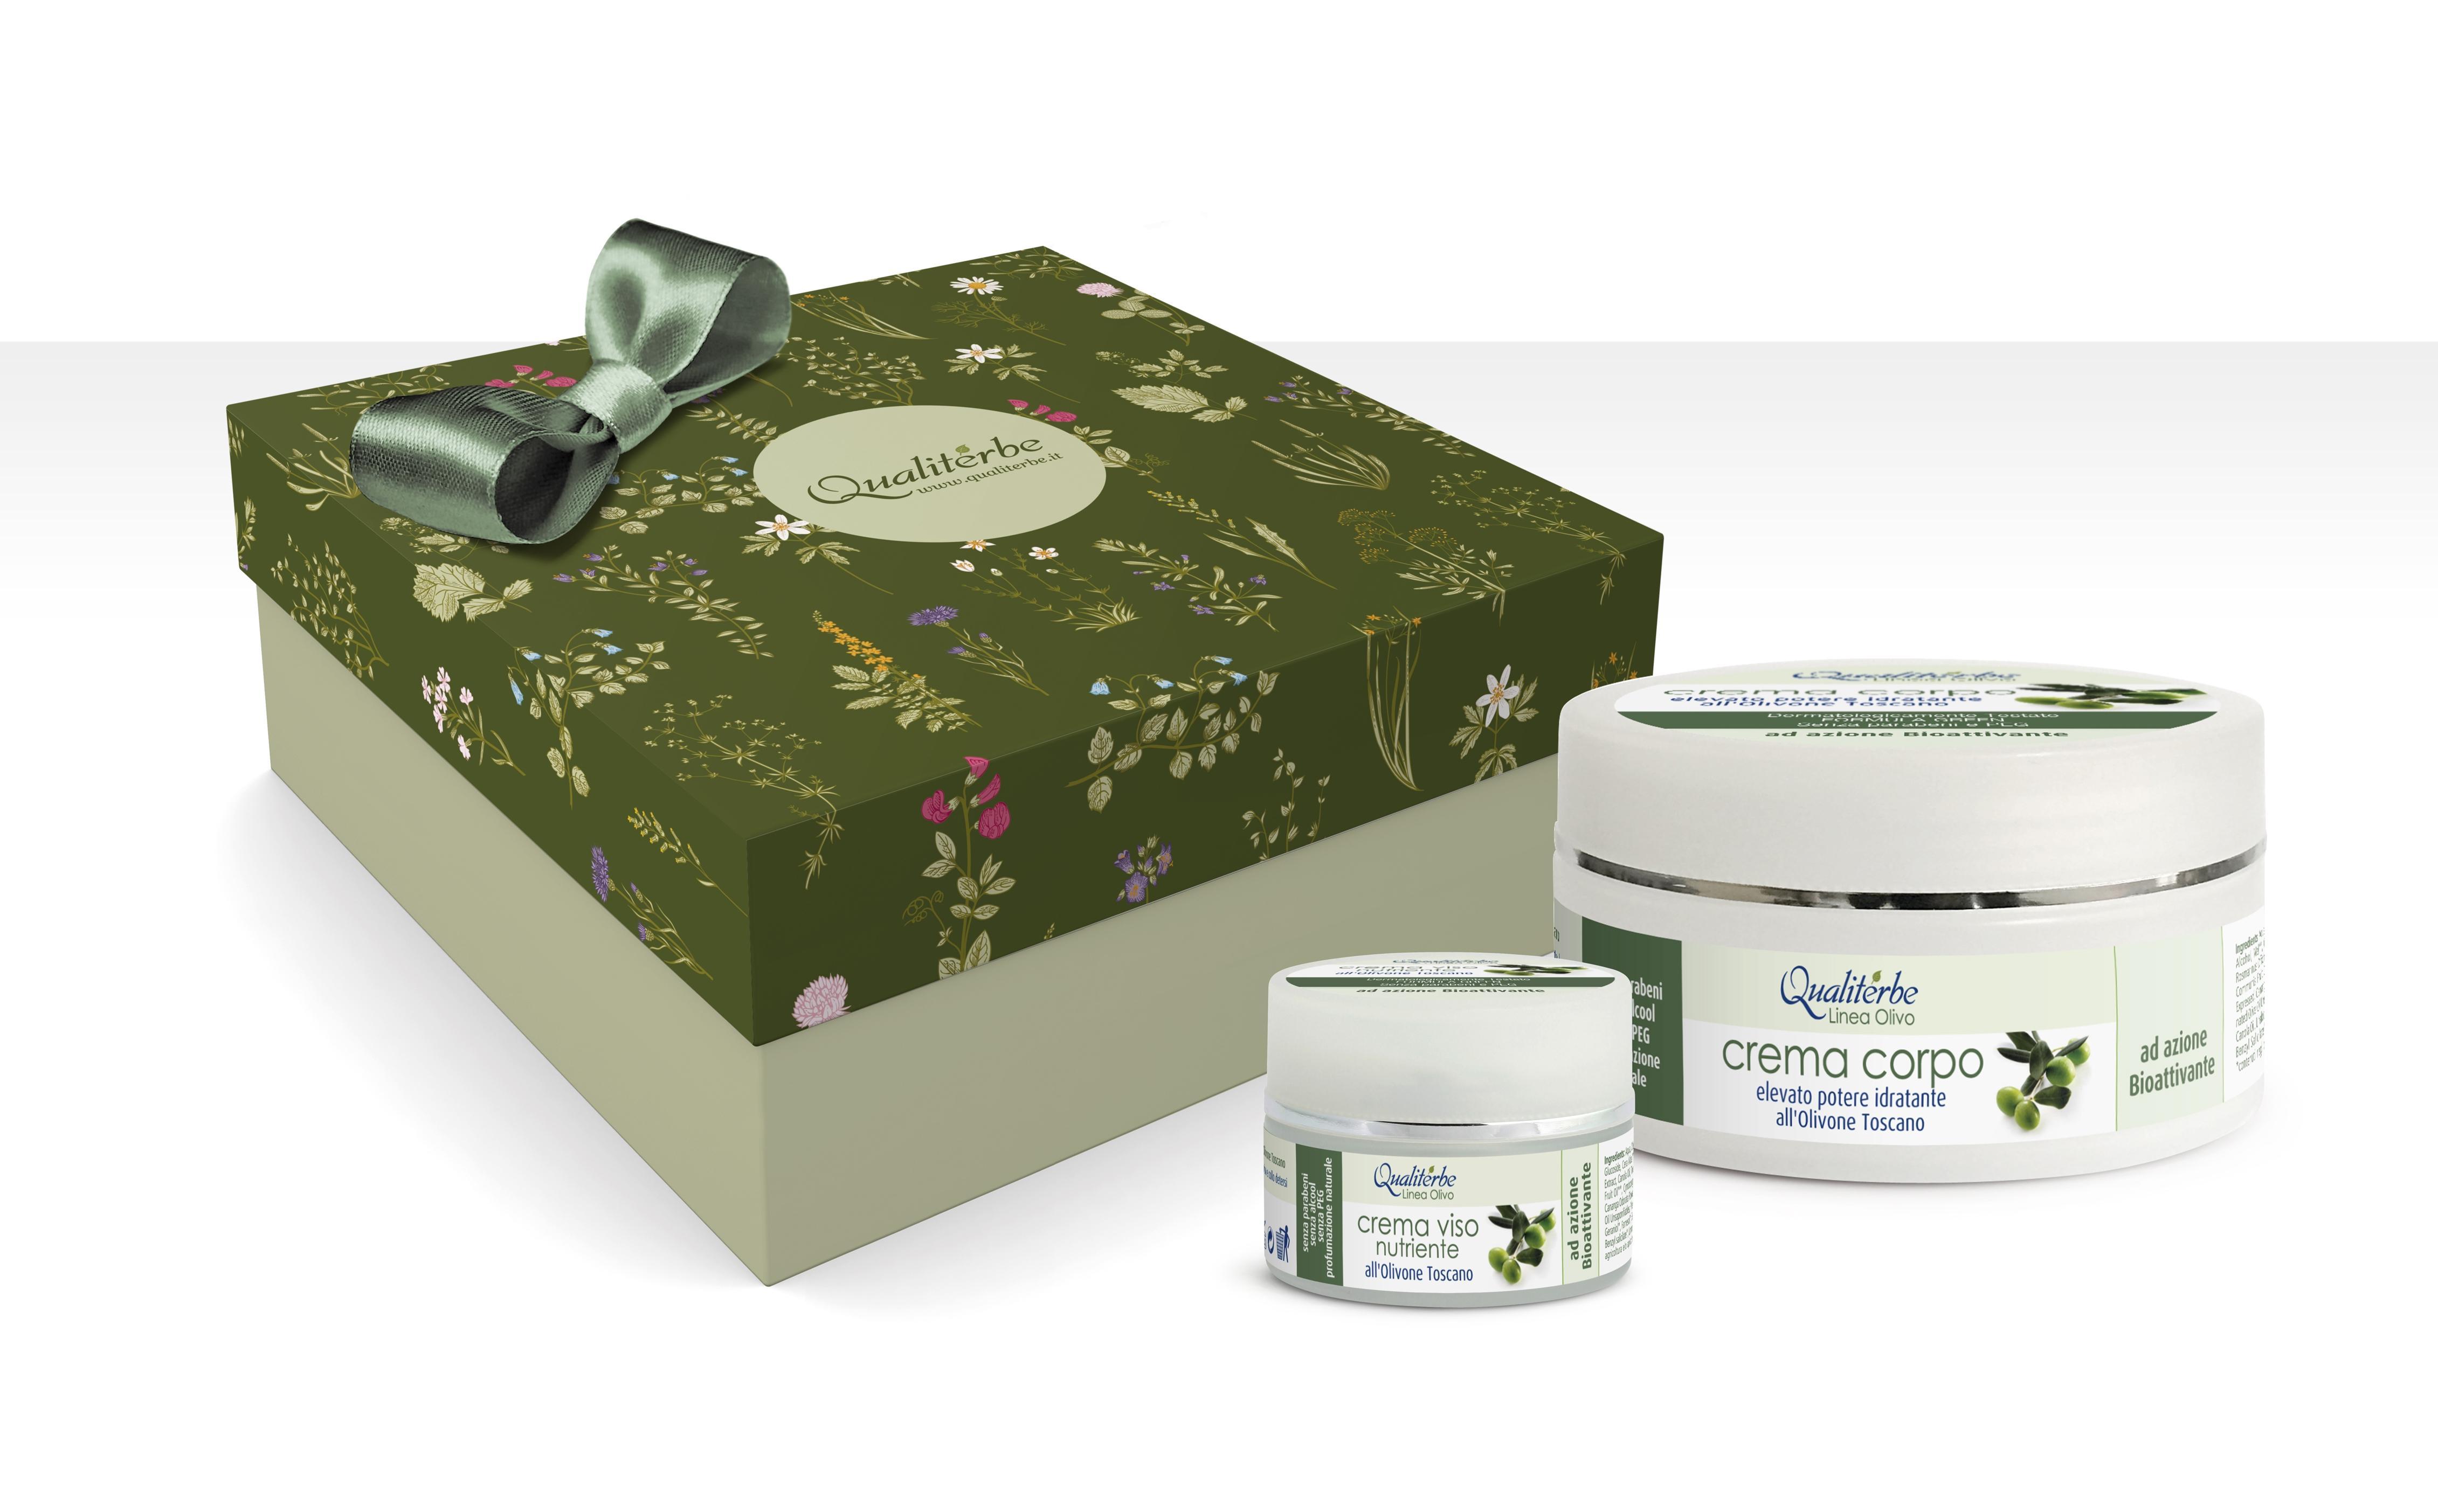 Quality Tuscany Tradition Cream Supernutriente all'Olivone Toscano Gratis: Spedizione e confezione regalo